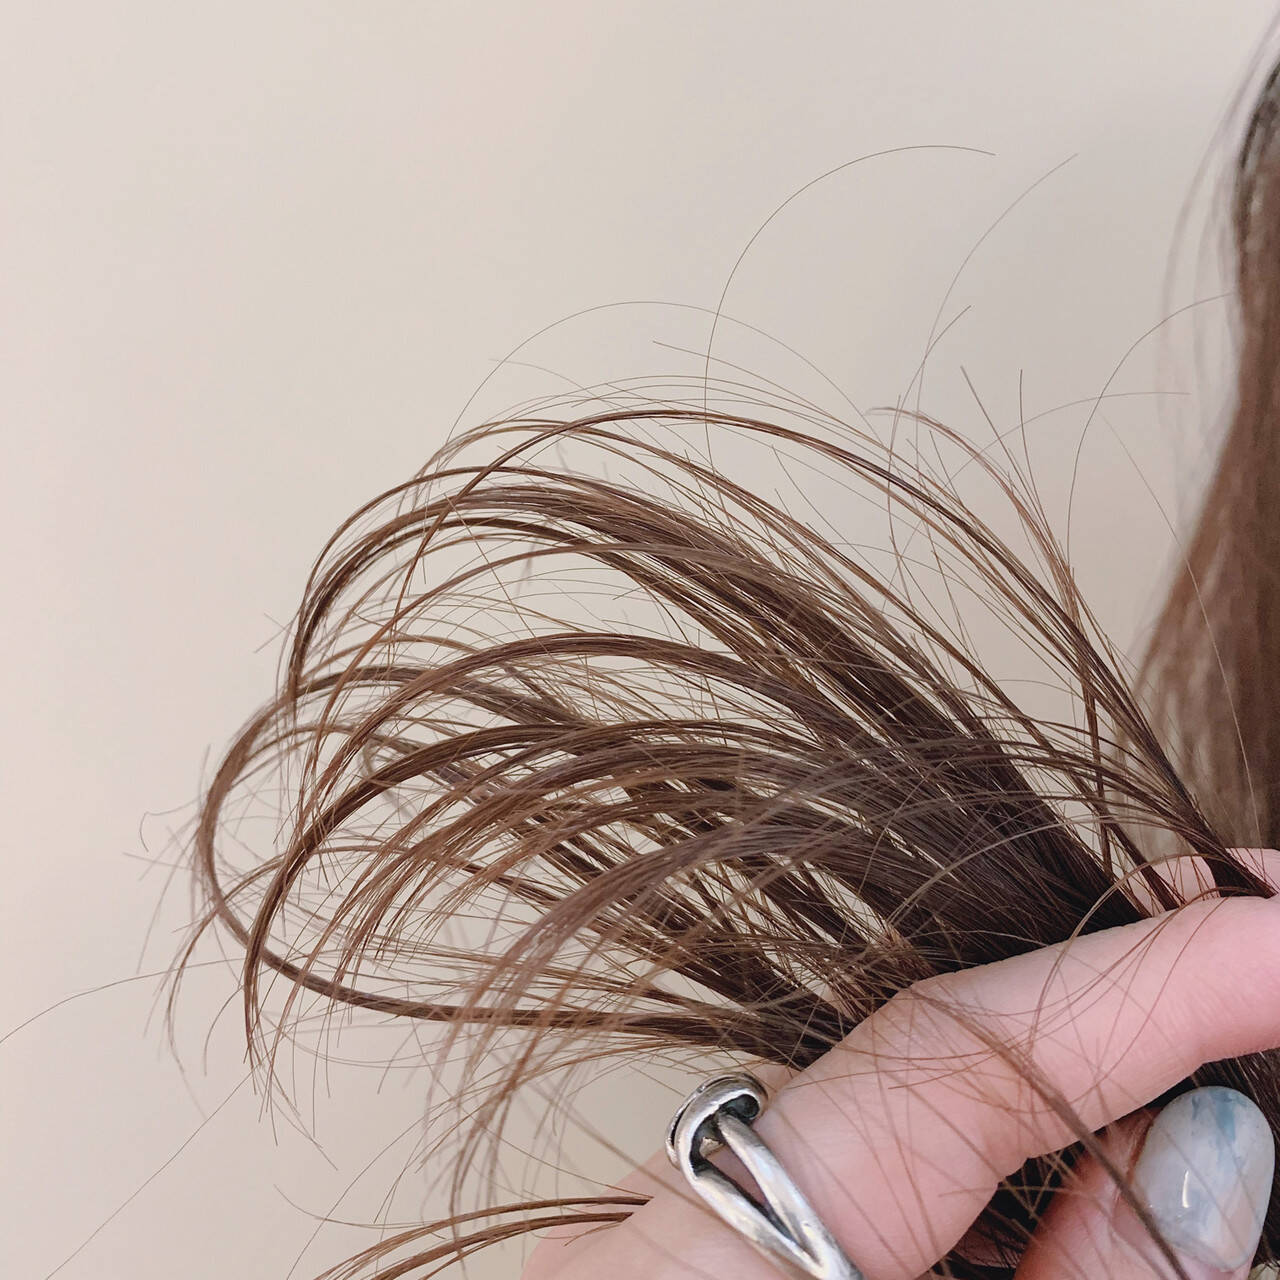 ヘアアレンジ ベージュ ナチュラル ハイライトヘアスタイルや髪型の写真・画像